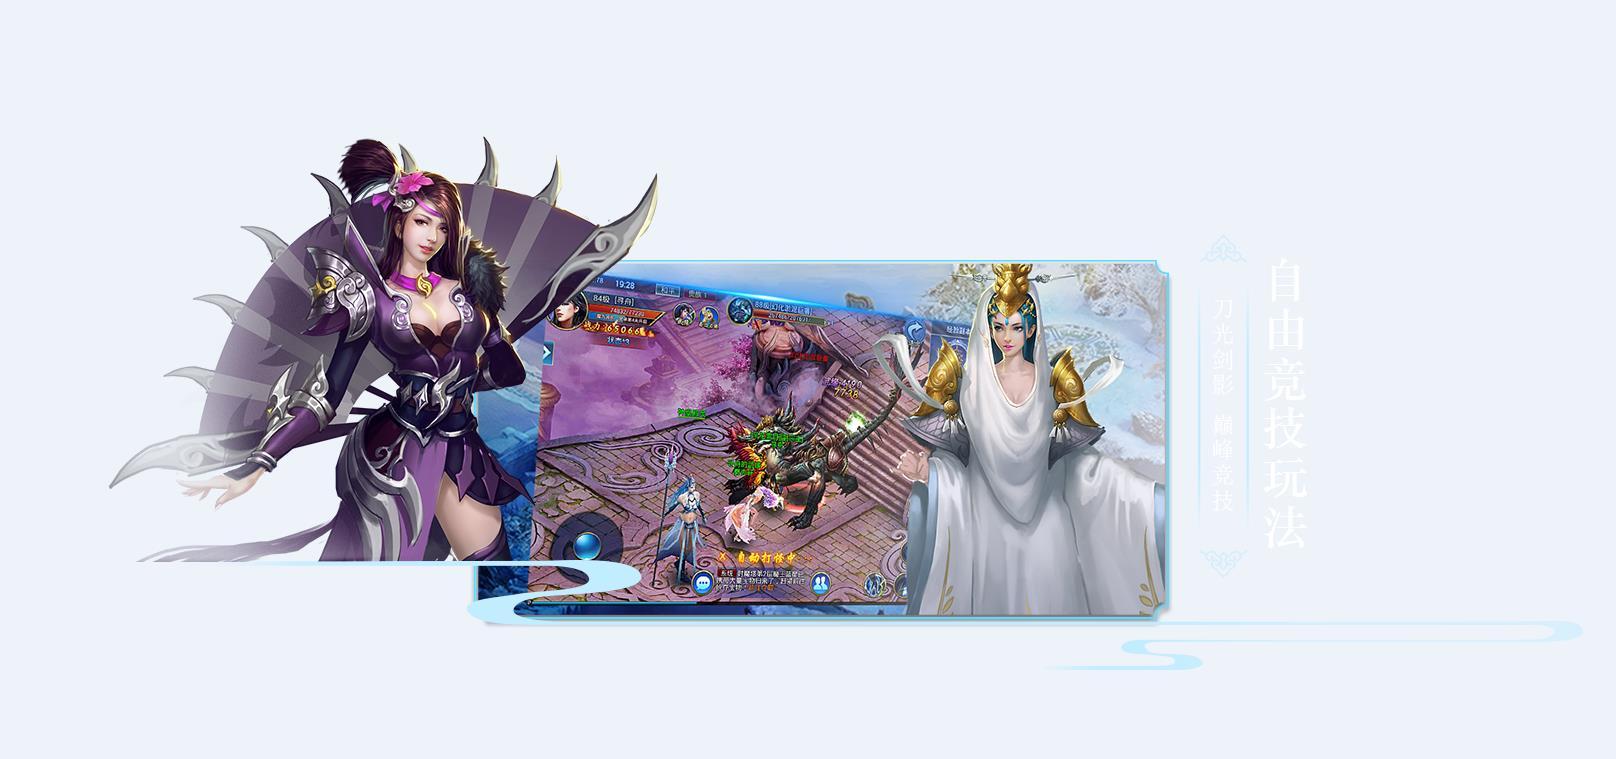 仙灵剑域游戏评测:玩法介绍与福利大合集[多图]